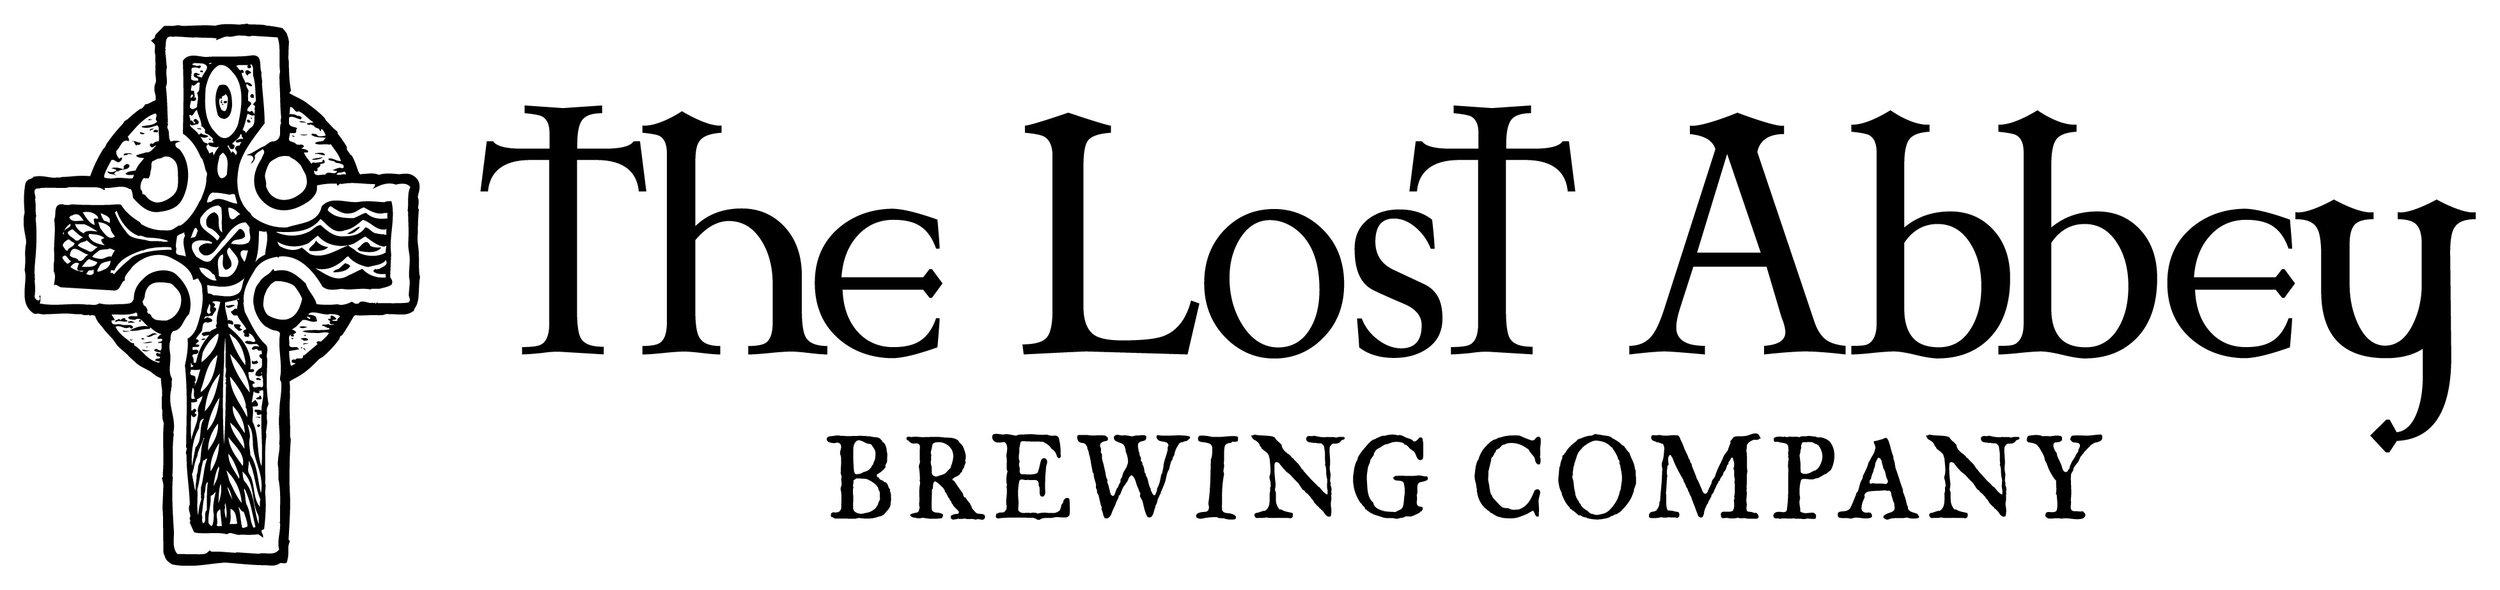 Lost Abbey Confessional - 2007 San Elijo Ave.www.lostabbey.com